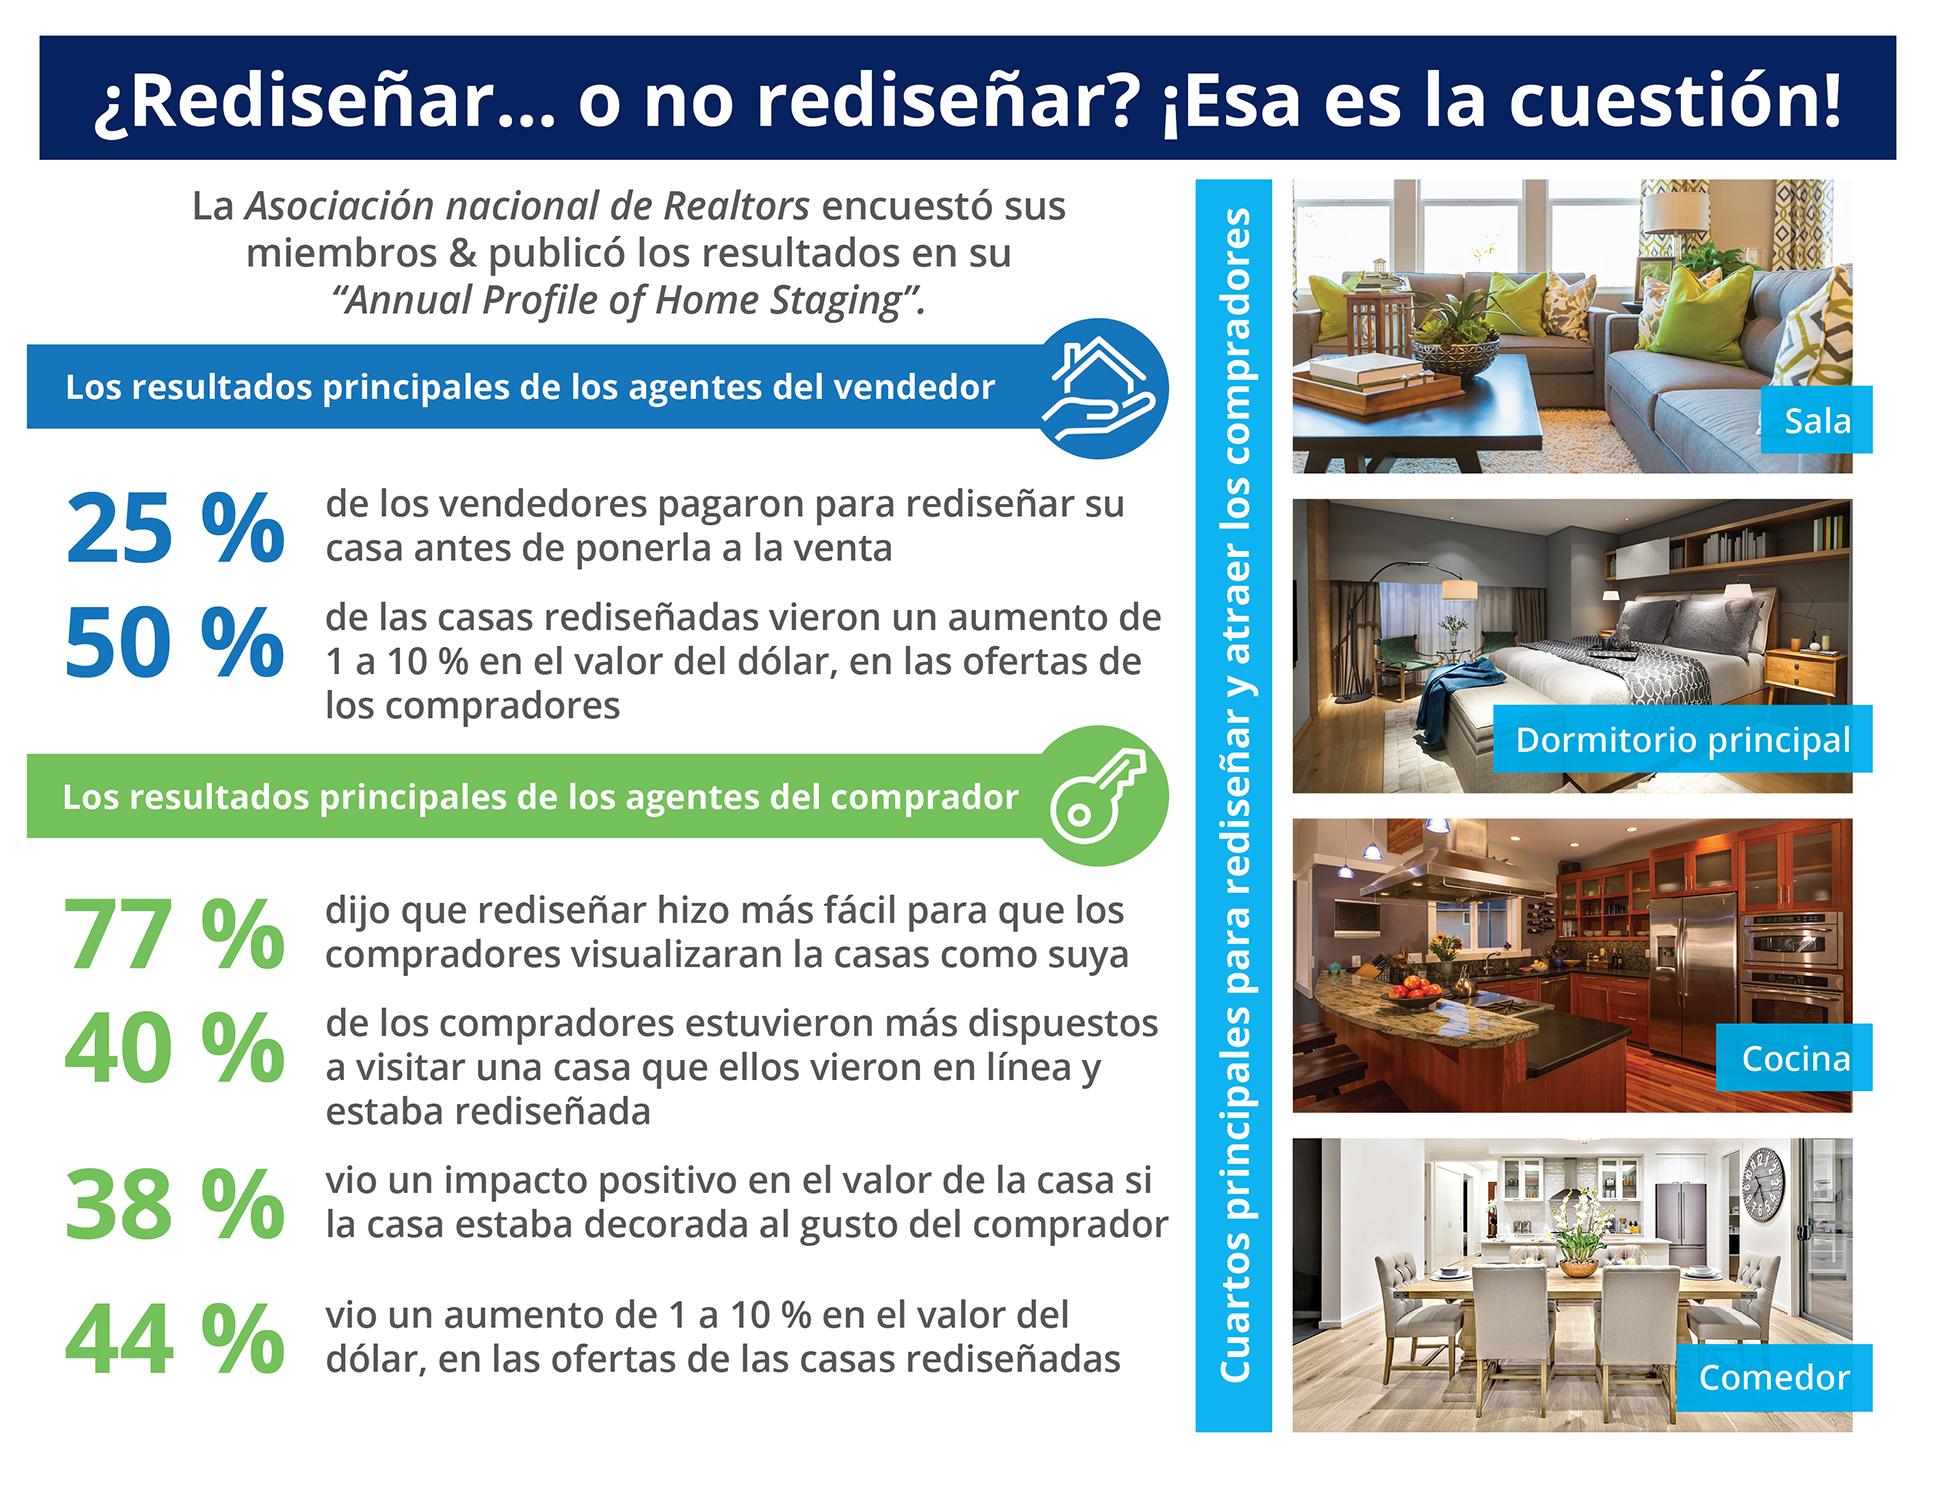 El impacto que rediseñar su casa tiene en el precio de venta [infografía] | Simplifying The Market